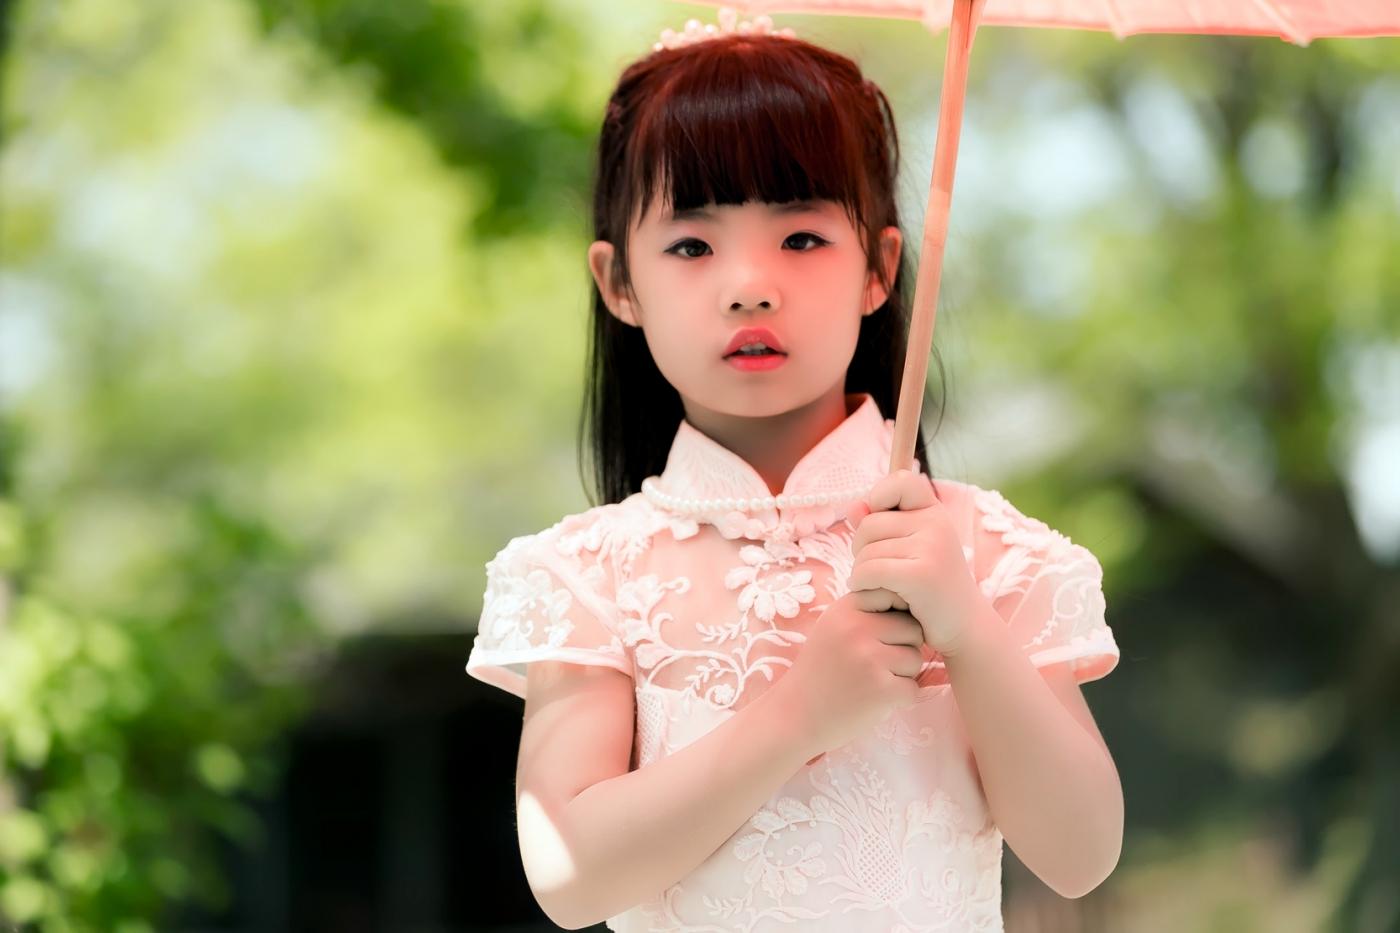 沂蒙娃娃穿上礼服走上show台 有个女孩特别萌 礼仪就要从娃娃抓起 ..._图1-26